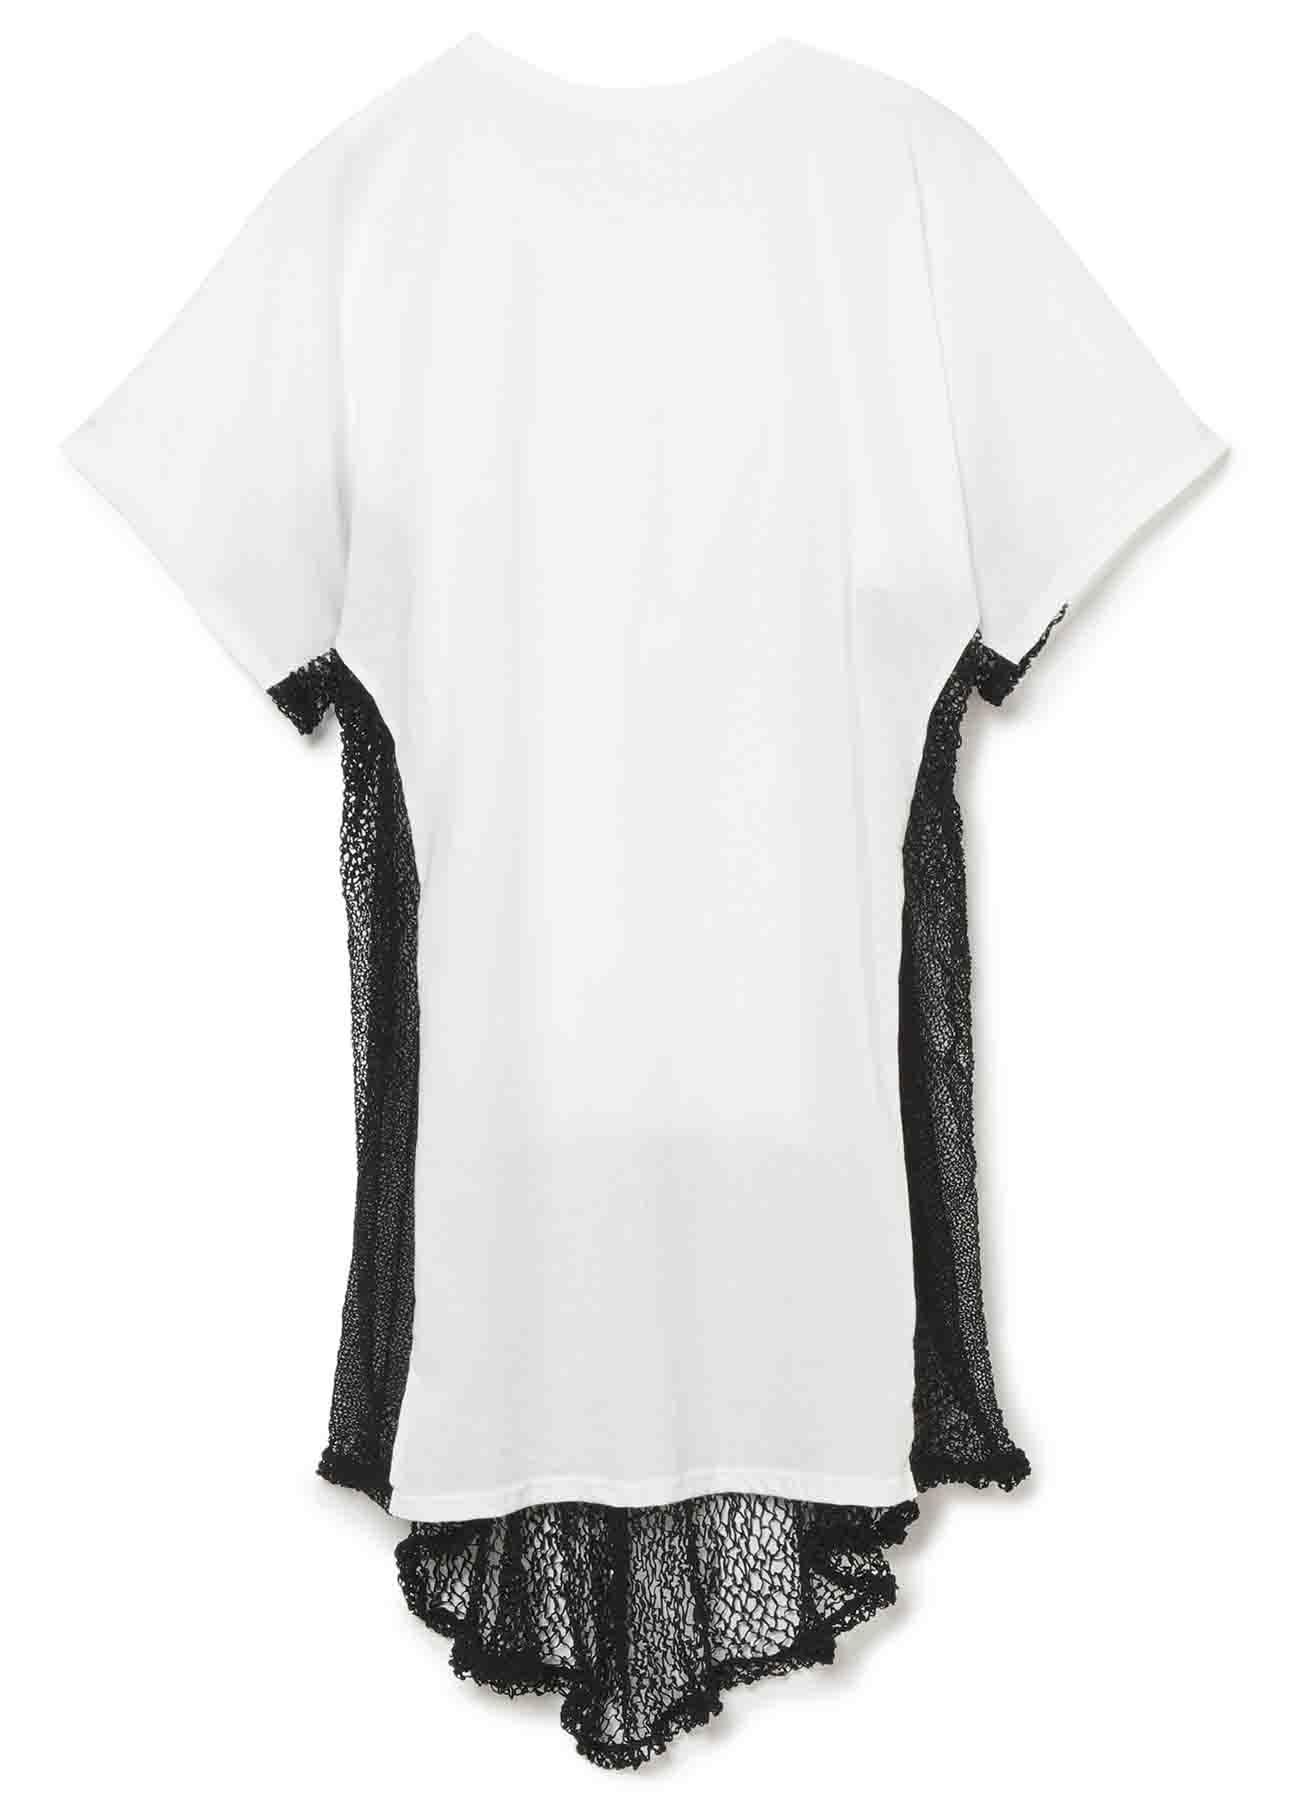 棉牛仔布x聚酯随机蕾丝短袖上衣